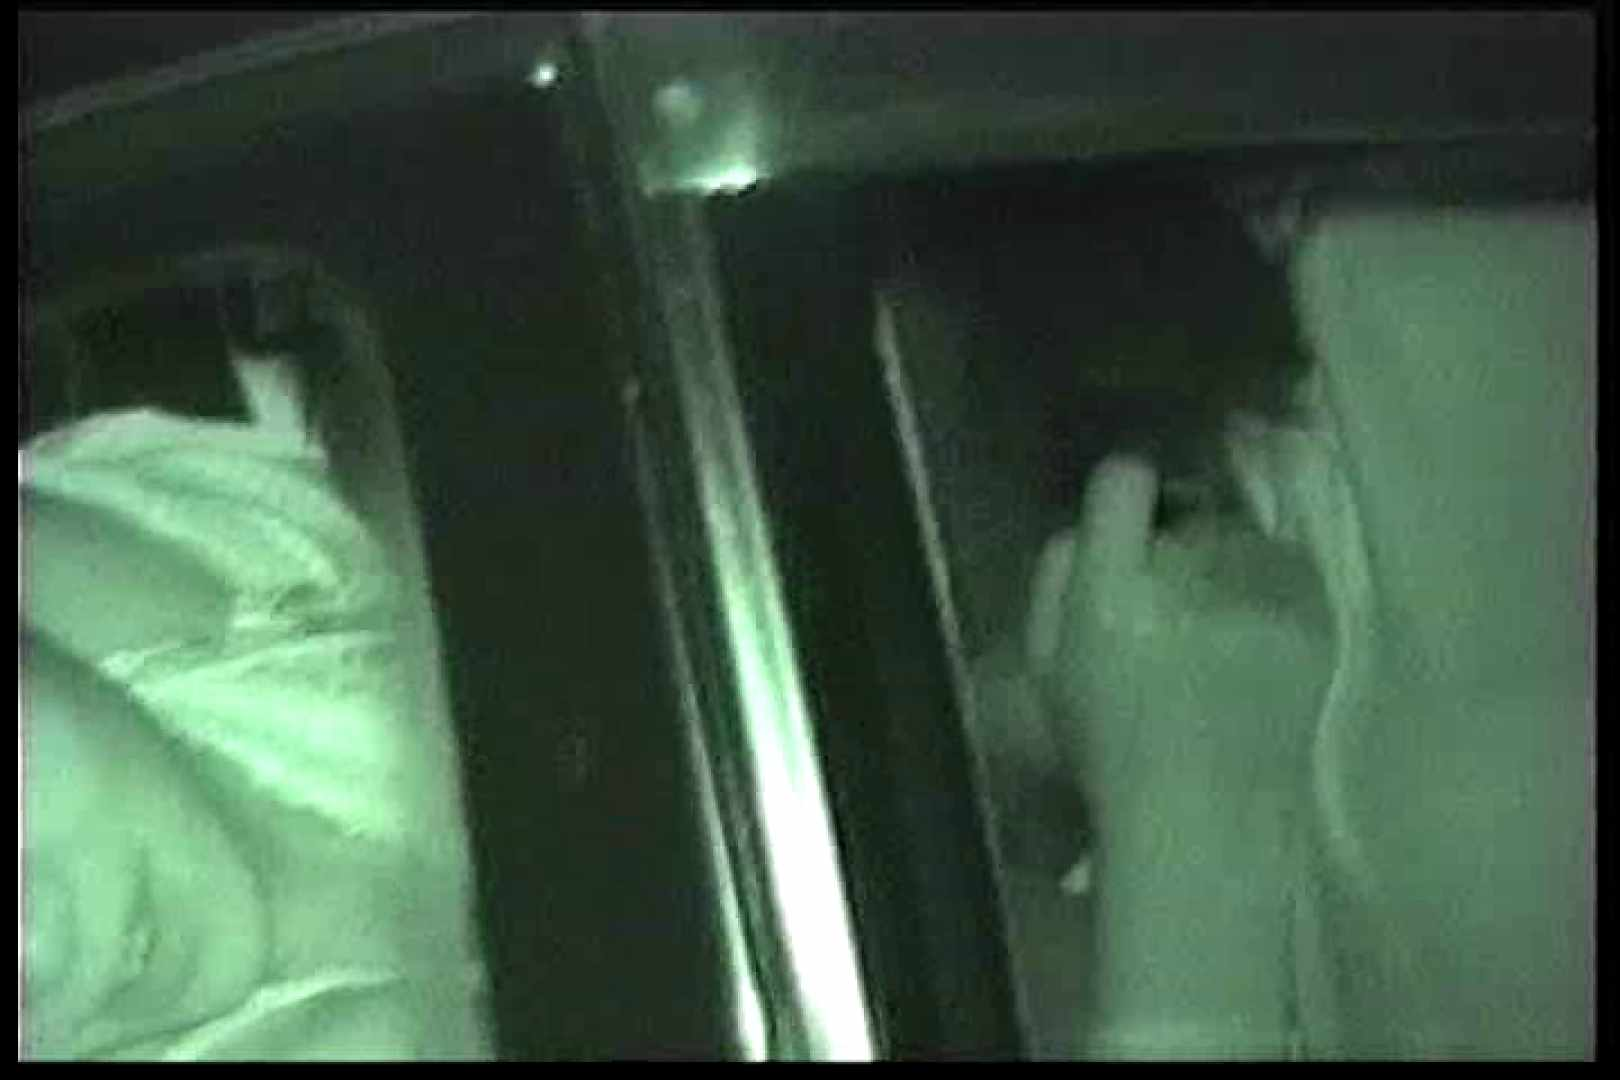 車の中はラブホテル 無修正版  Vol.11 車中はめどり スケベ動画紹介 86画像 67